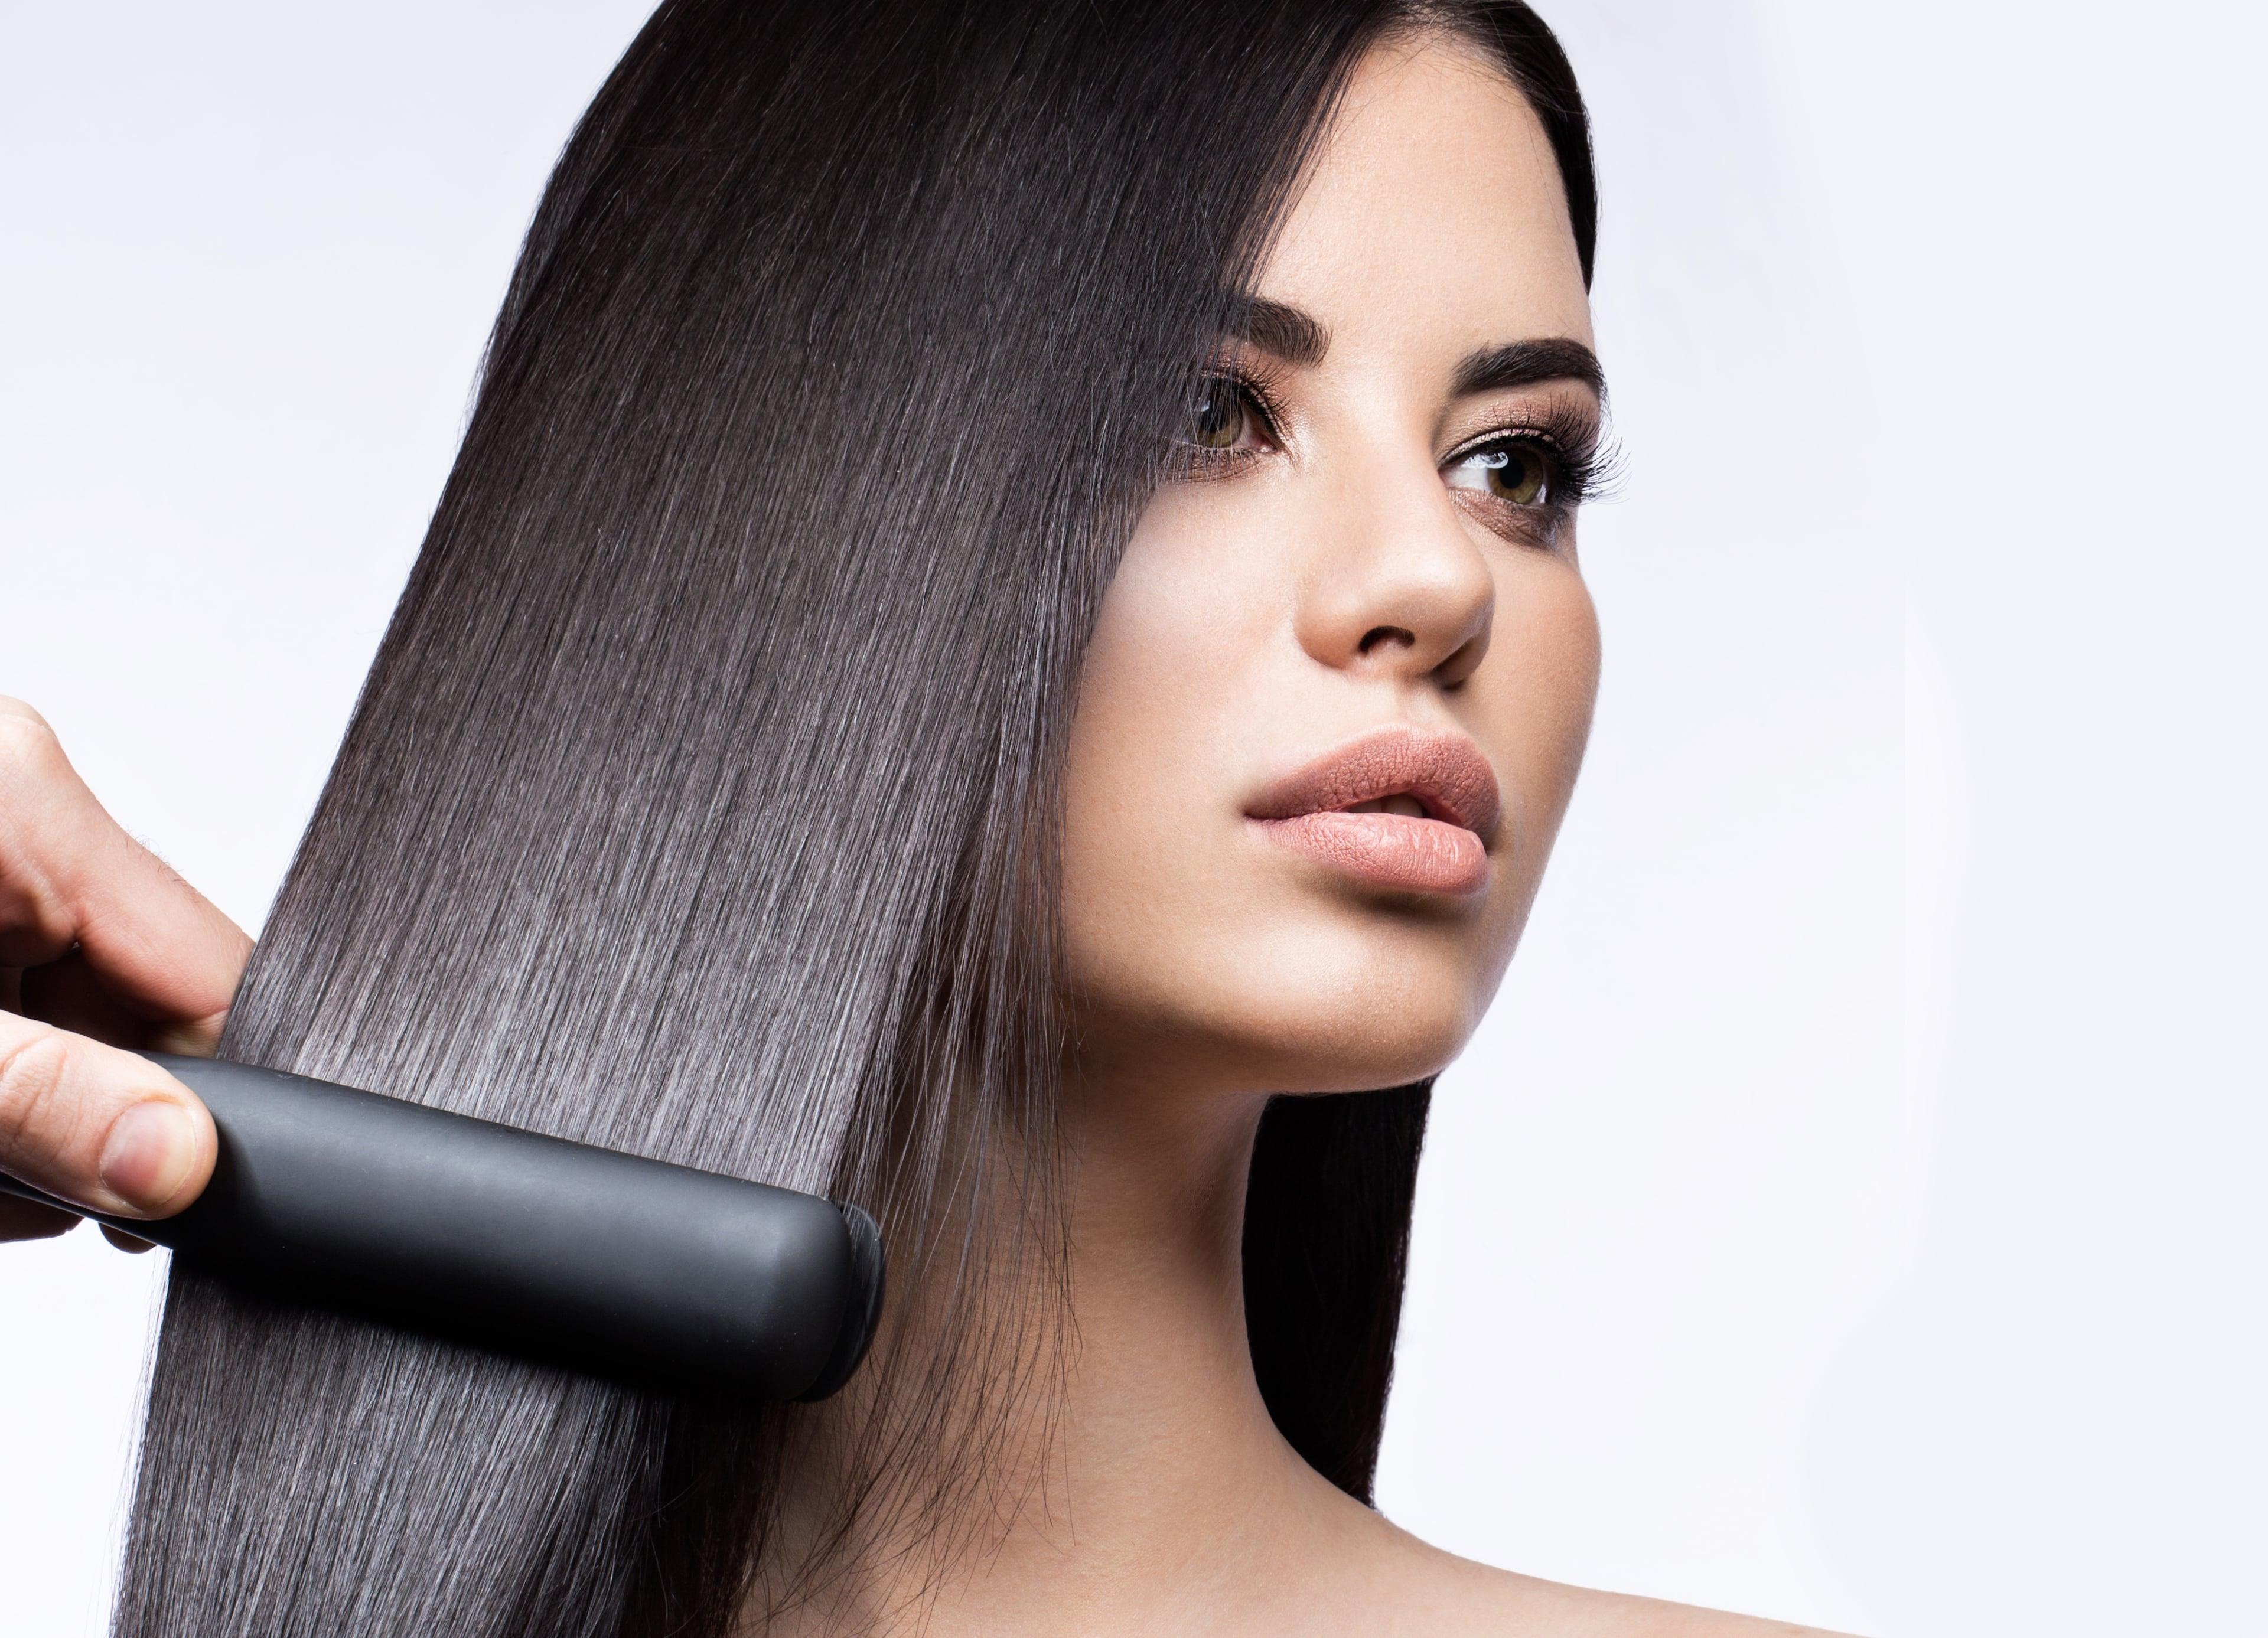 Кератиновое выпрямление волос для здоровья и красоты